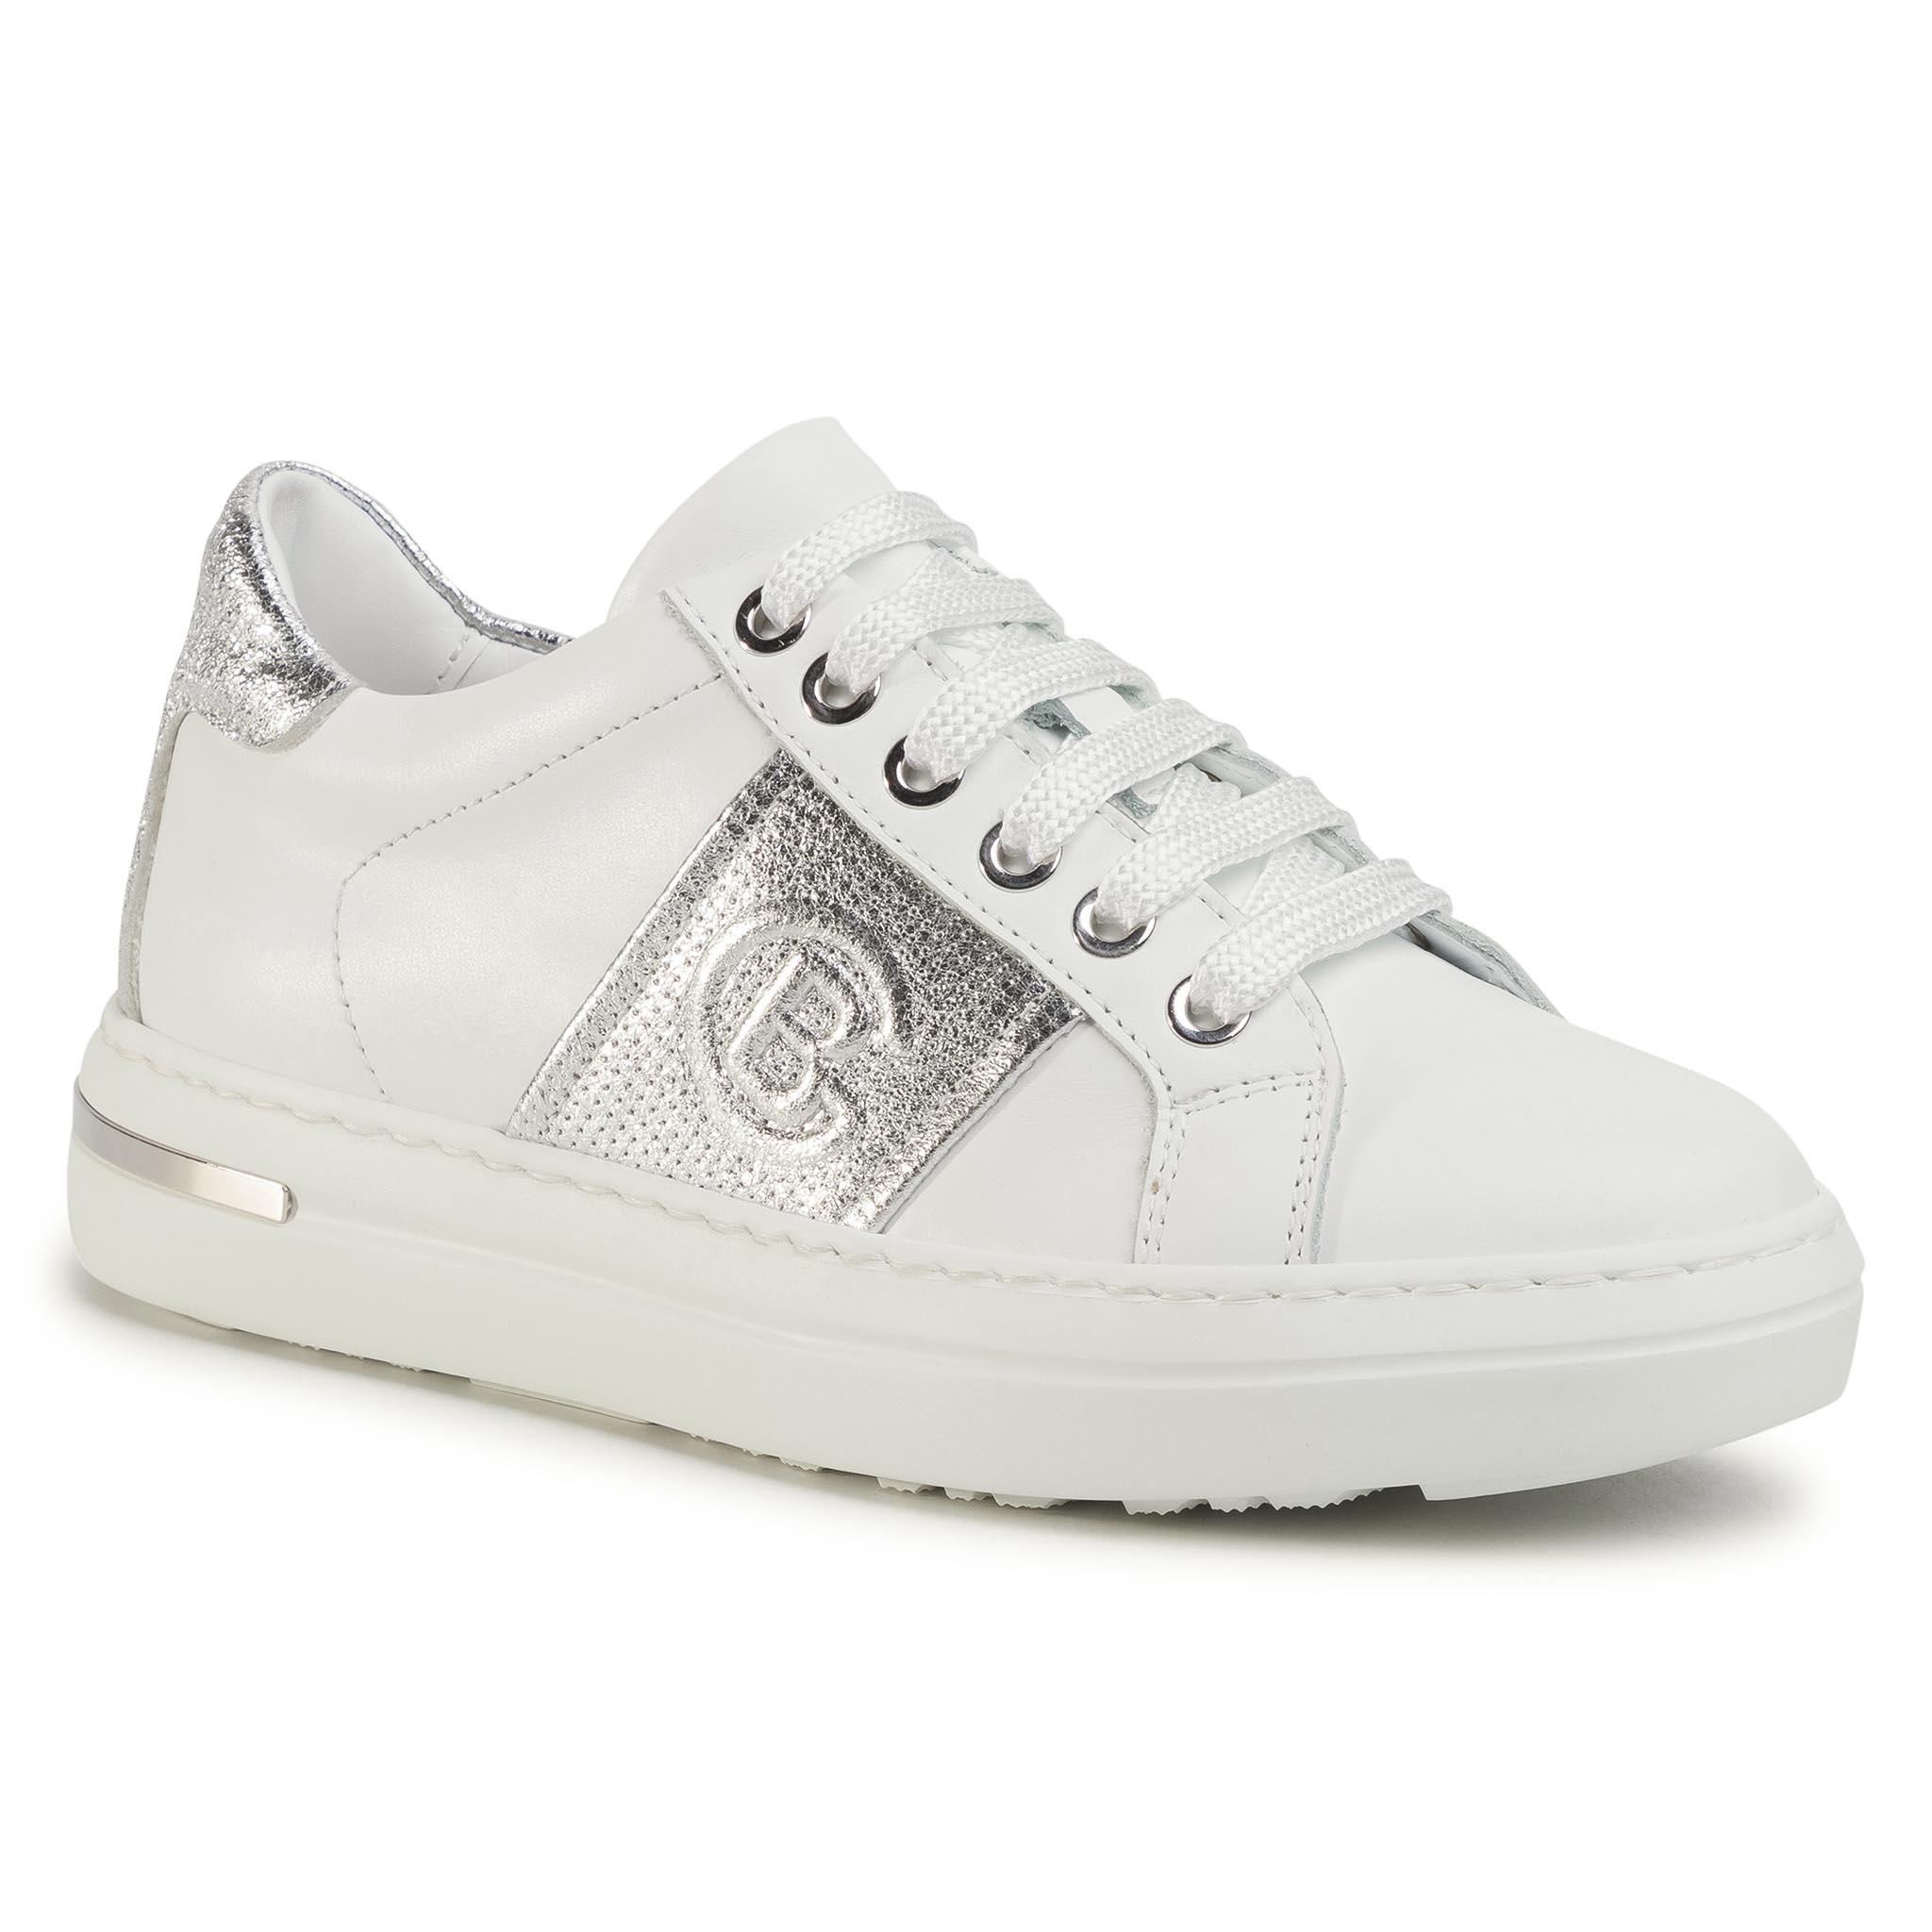 Sneakers BALDININI - 098084XMOPE9006XXKBX Bianco/Spectre Argen